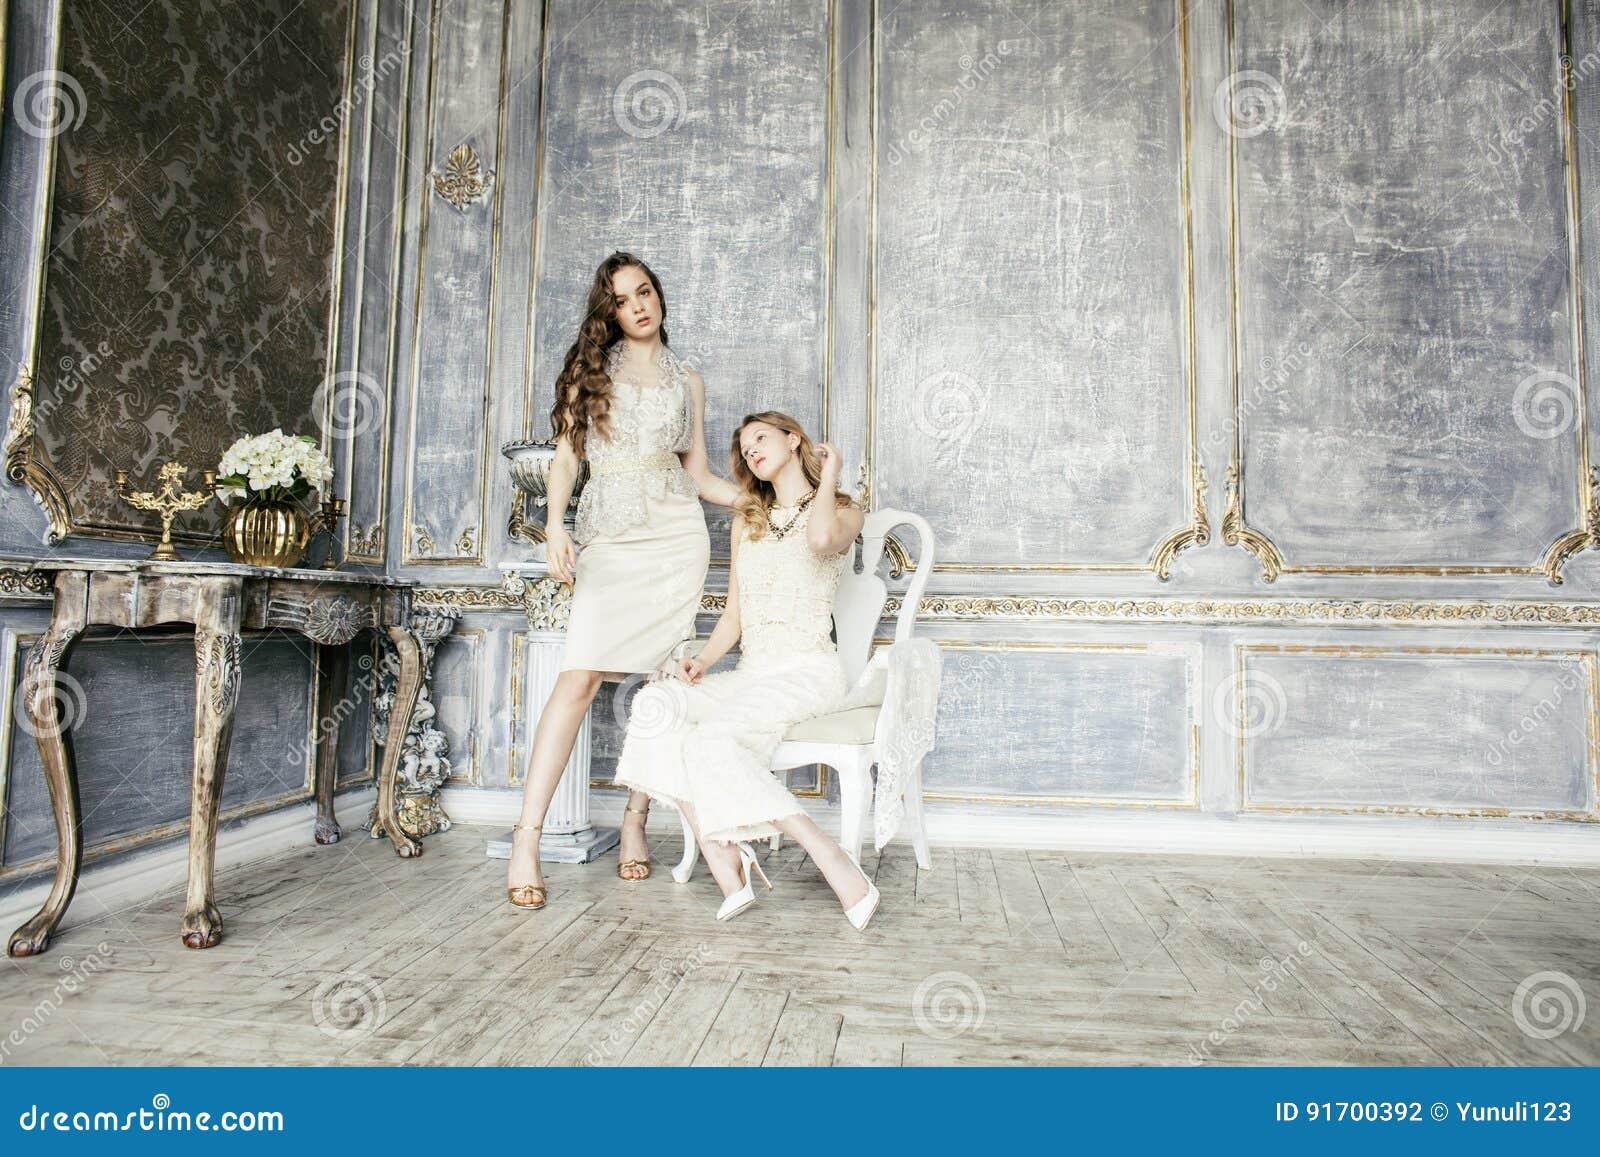 Αρκετά δίδυμο κορίτσι hairstyle αδελφών δύο ξανθό σγουρό στο εσωτερικό σπιτιών πολυτέλειας μαζί, πλούσια έννοια νέων